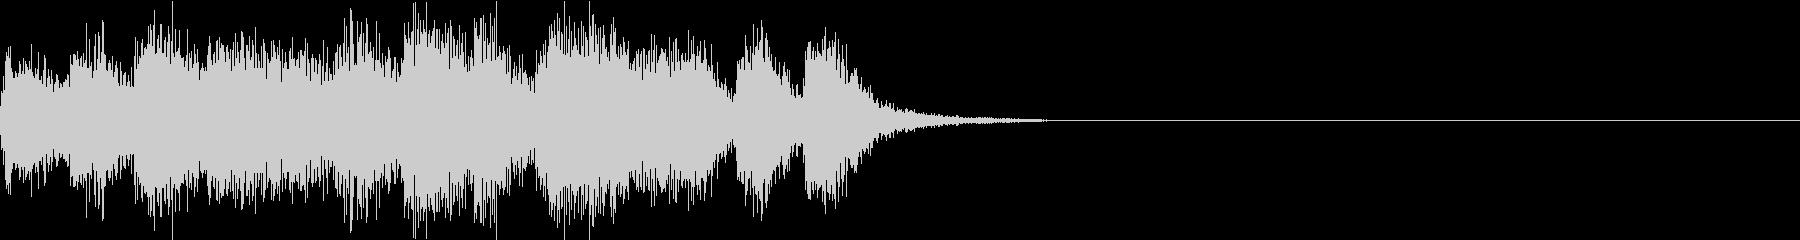 オーケストラによる疾走感があるジングルの未再生の波形